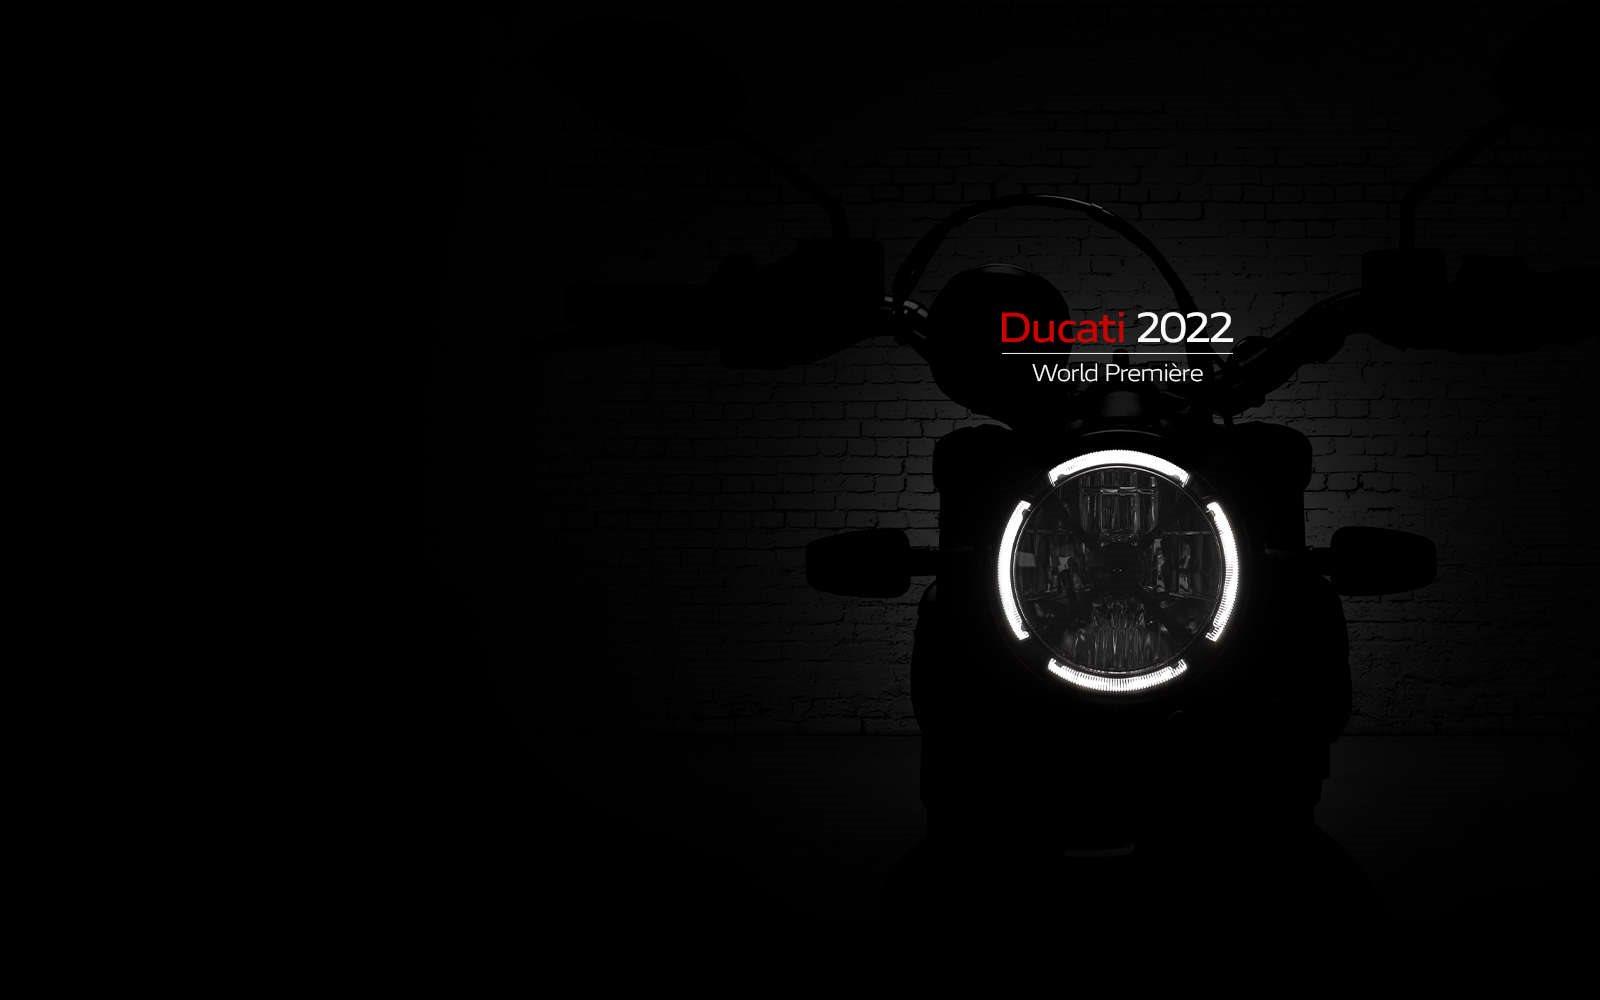 DUCATI WORLD PREMIÈRE 2022 - EPISODE 2 October 14th, 4 p.m. CEST